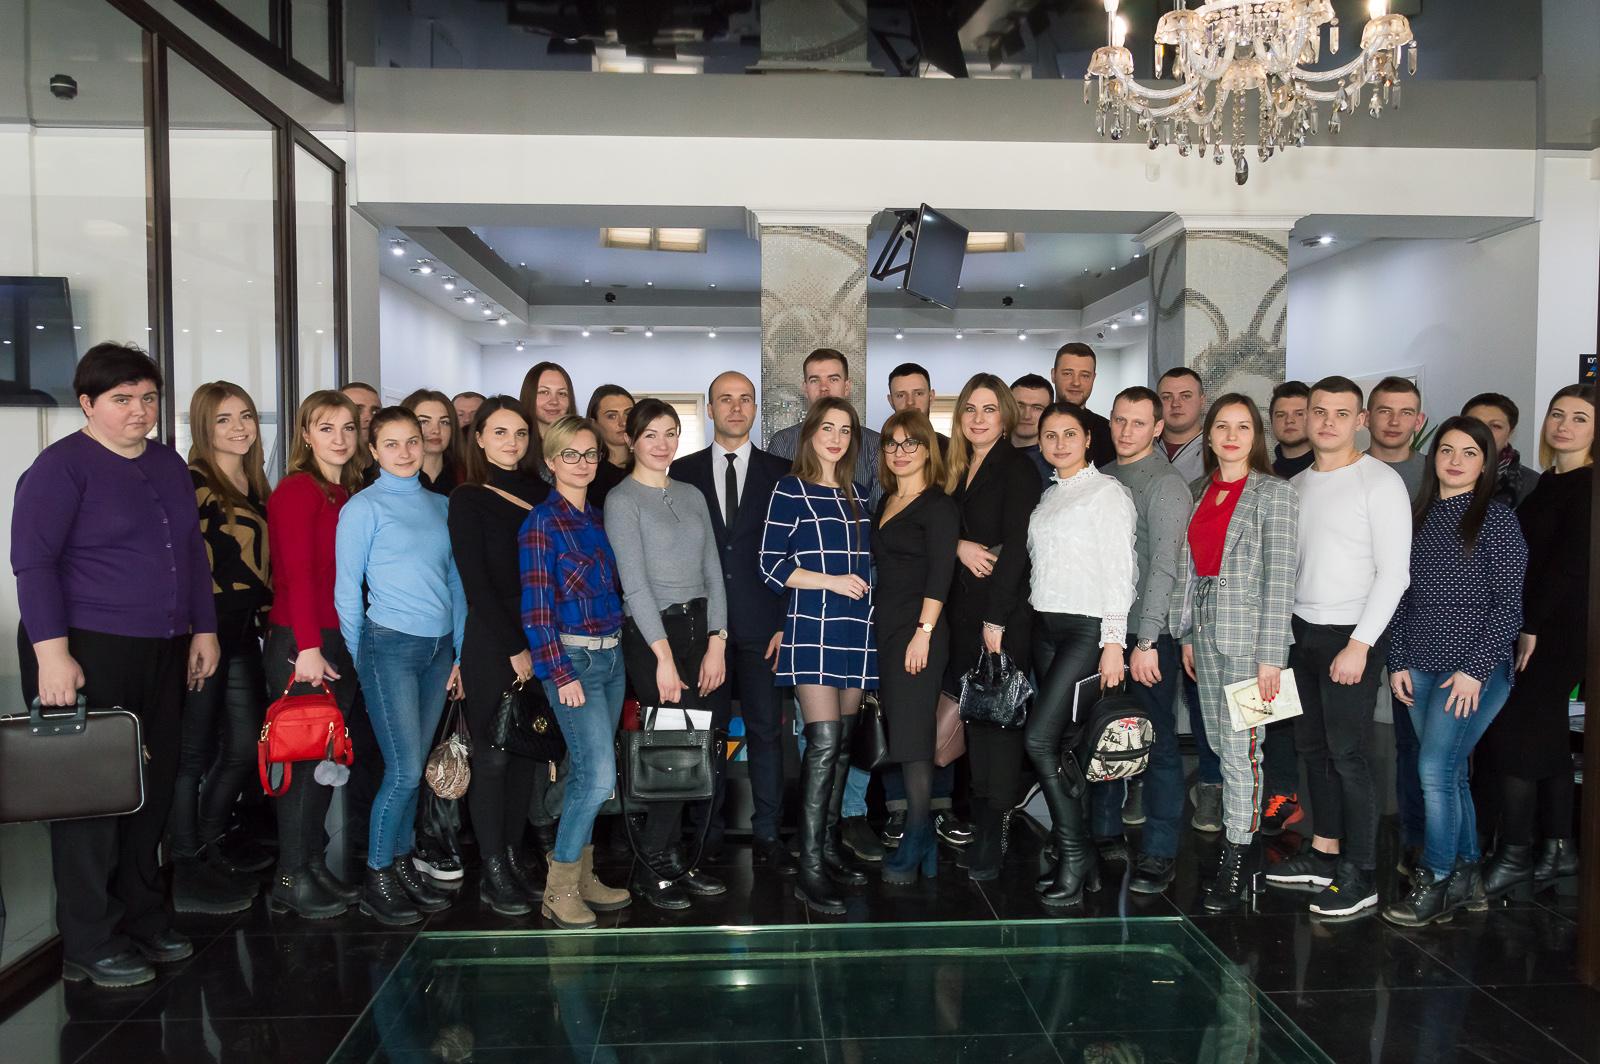 """Лекцию """"Финансовые рынки и основы биржевых технологий"""" в Черновцах посетили студенты и преподаватели МАУП - 16 фото"""